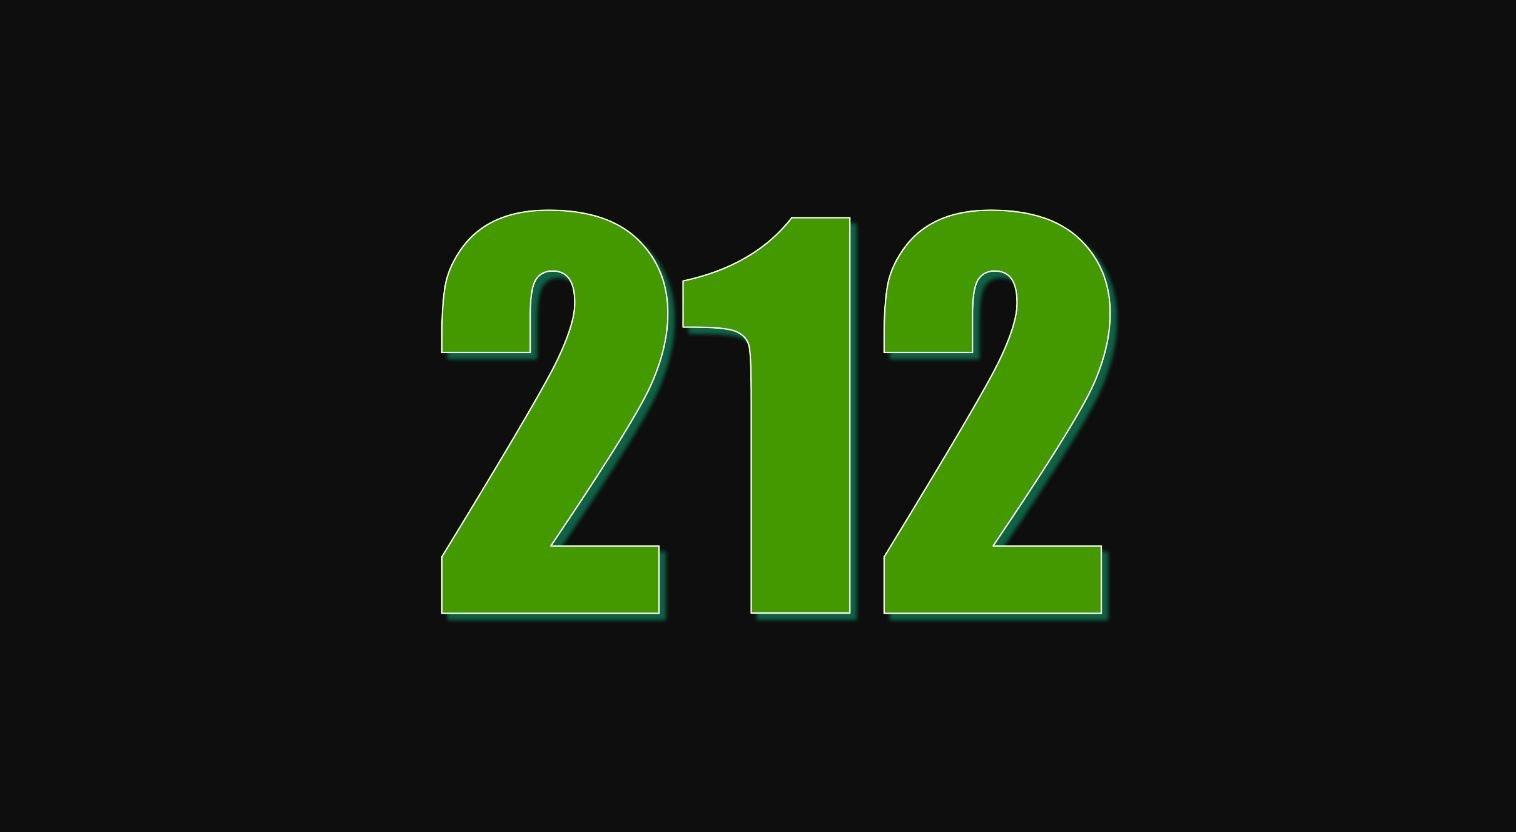 Il significato del numero 212